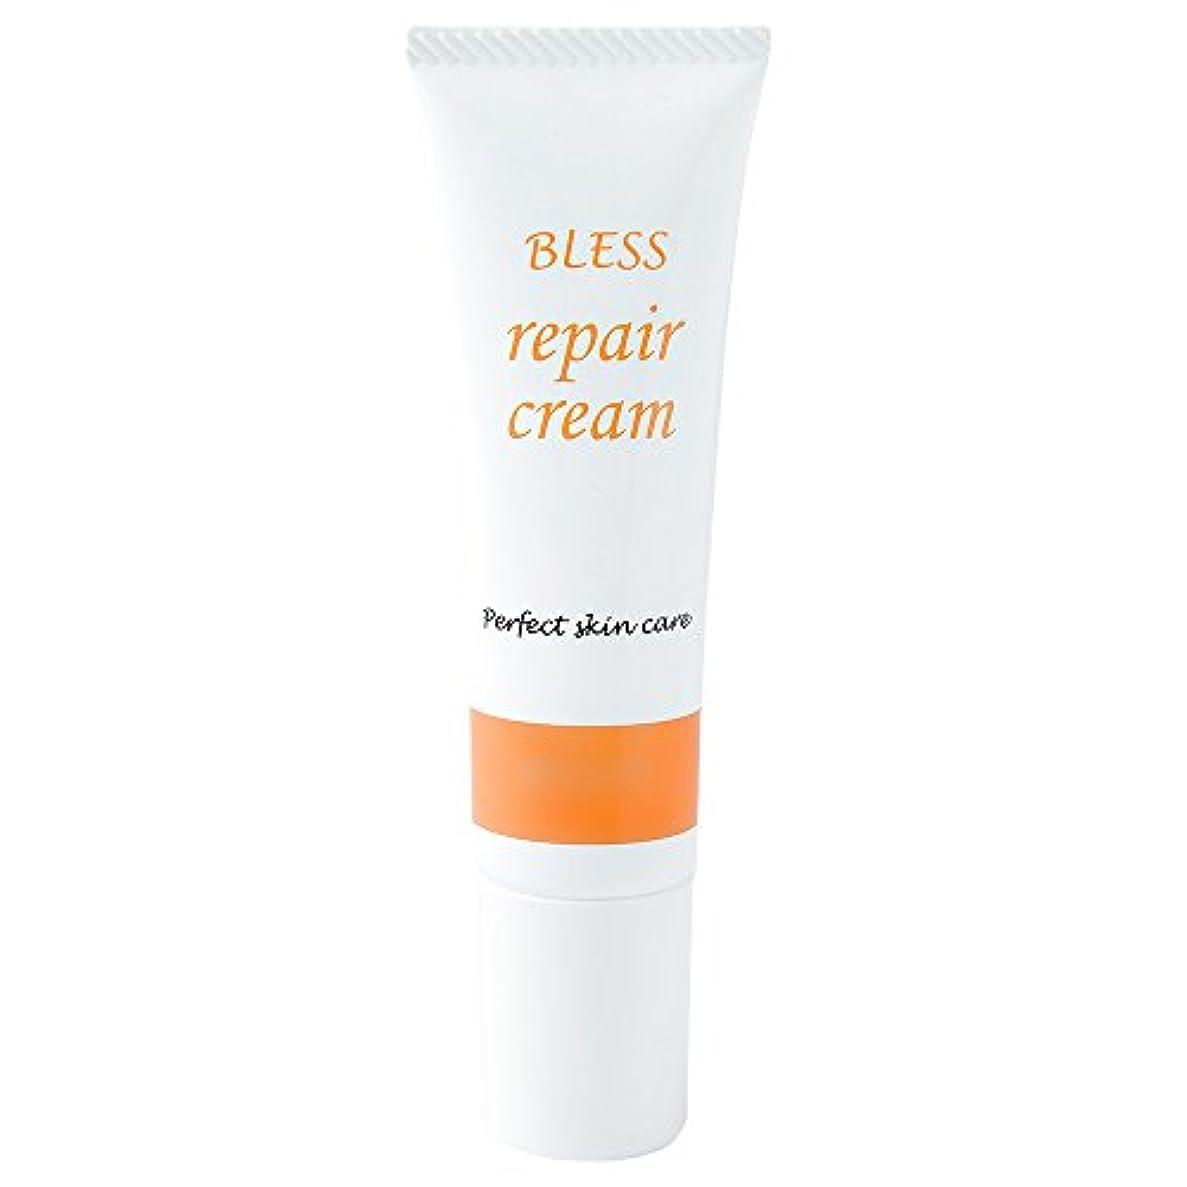 筋かどうか知覚する【BLESS】 しわ 対策用 エイジング リペアクリーム 30g 無添加 抗シワ評価試験済み製品 日本製 美容液